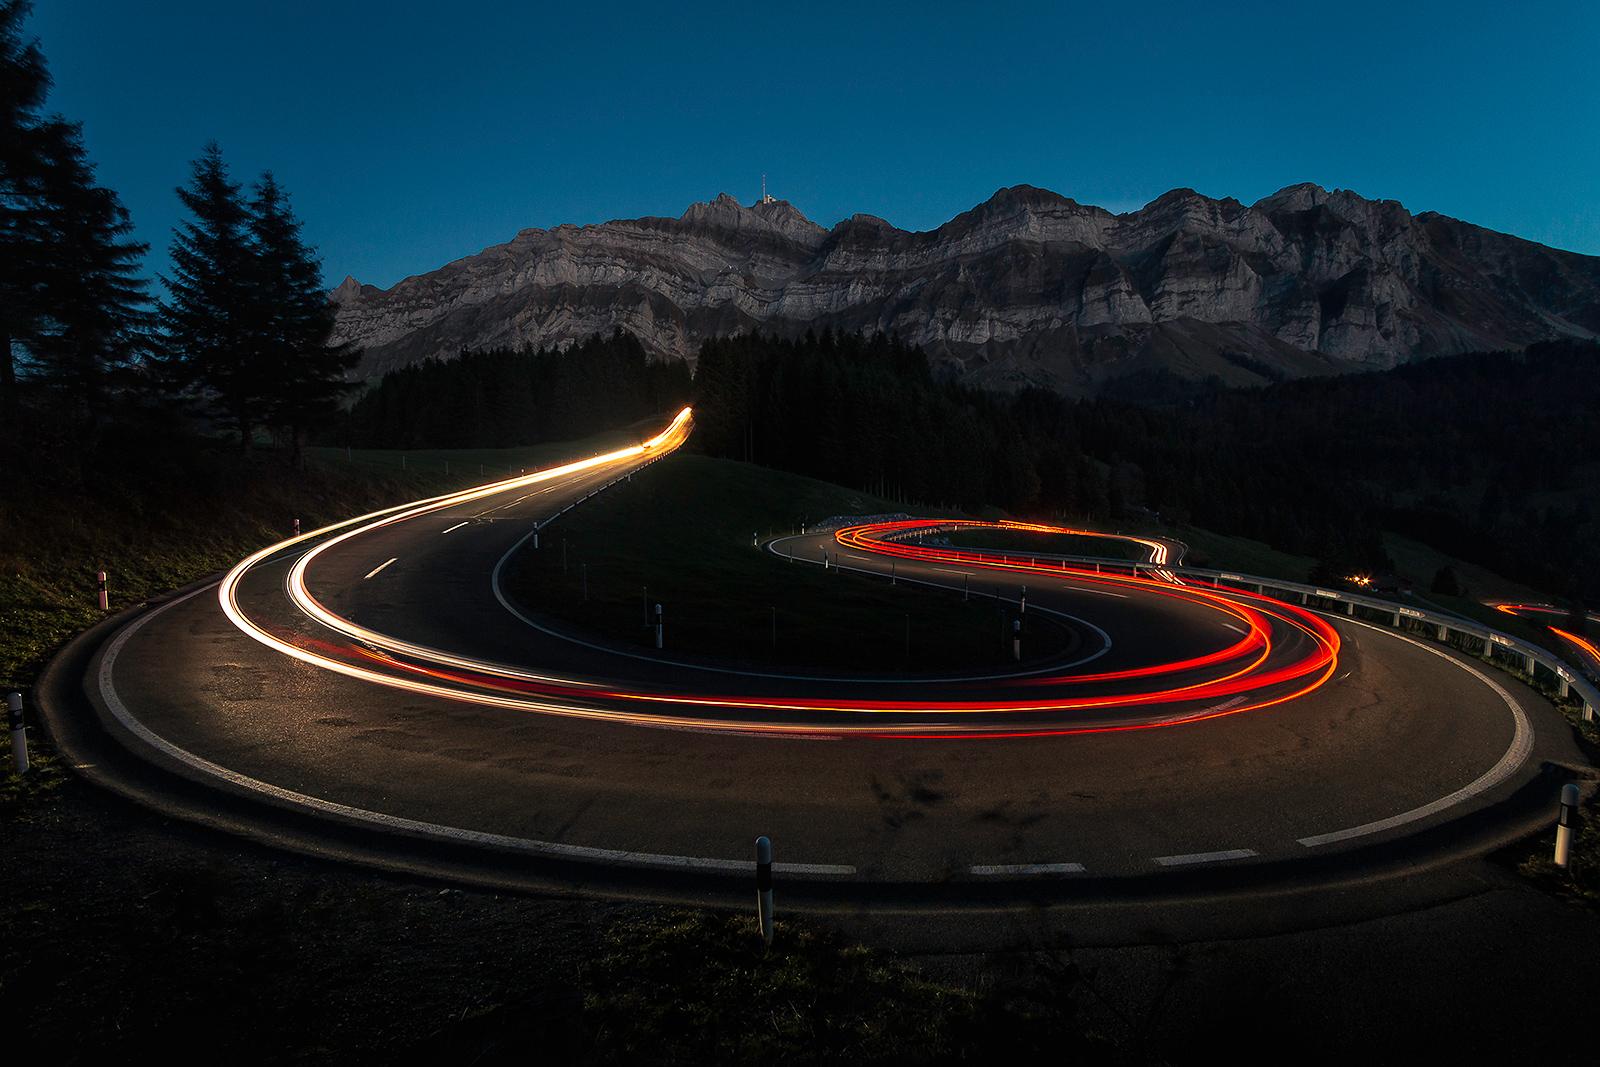 Oktober: Lichtzieher im Appenzell